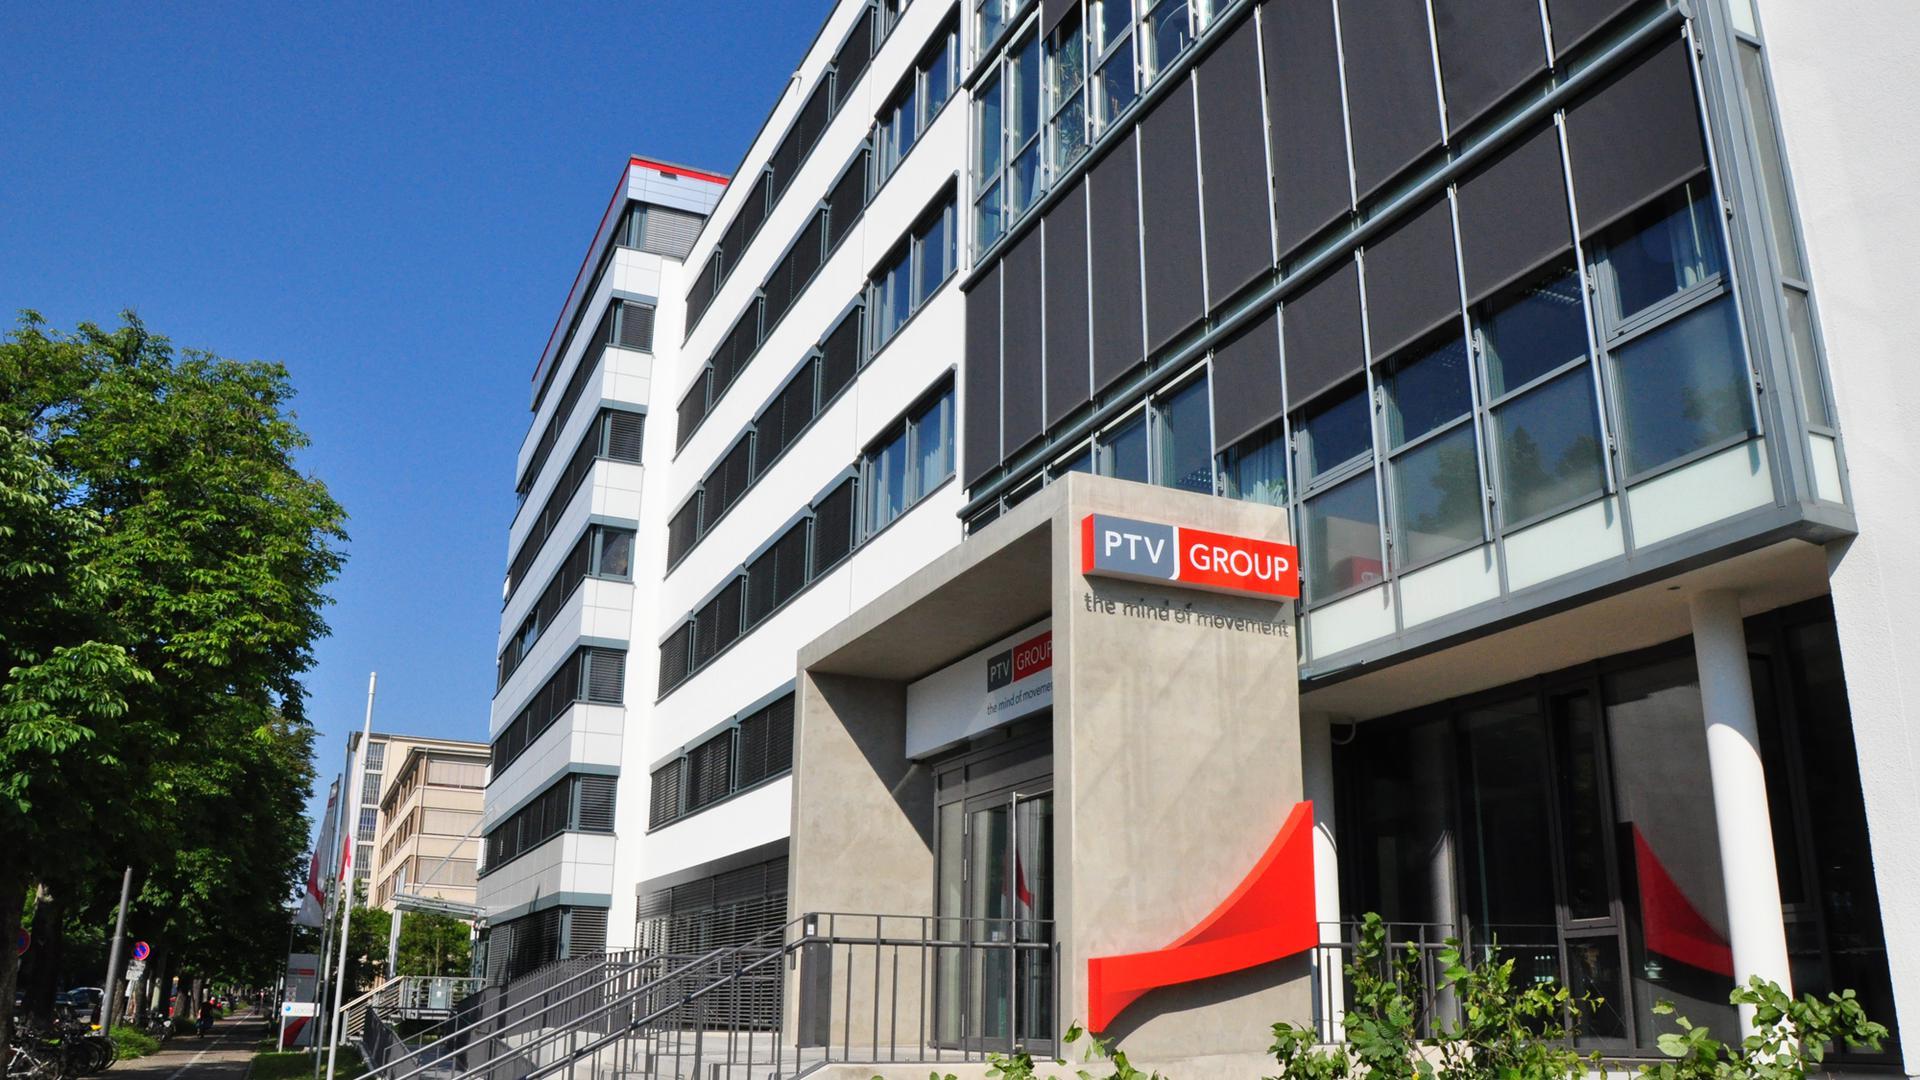 Besonders für den ÖPNV attraktiv: Die Karlsruher PTV Group will mit der Einführung neuer Abonnement-Preismodelle weitere Zielgruppen erschließen.